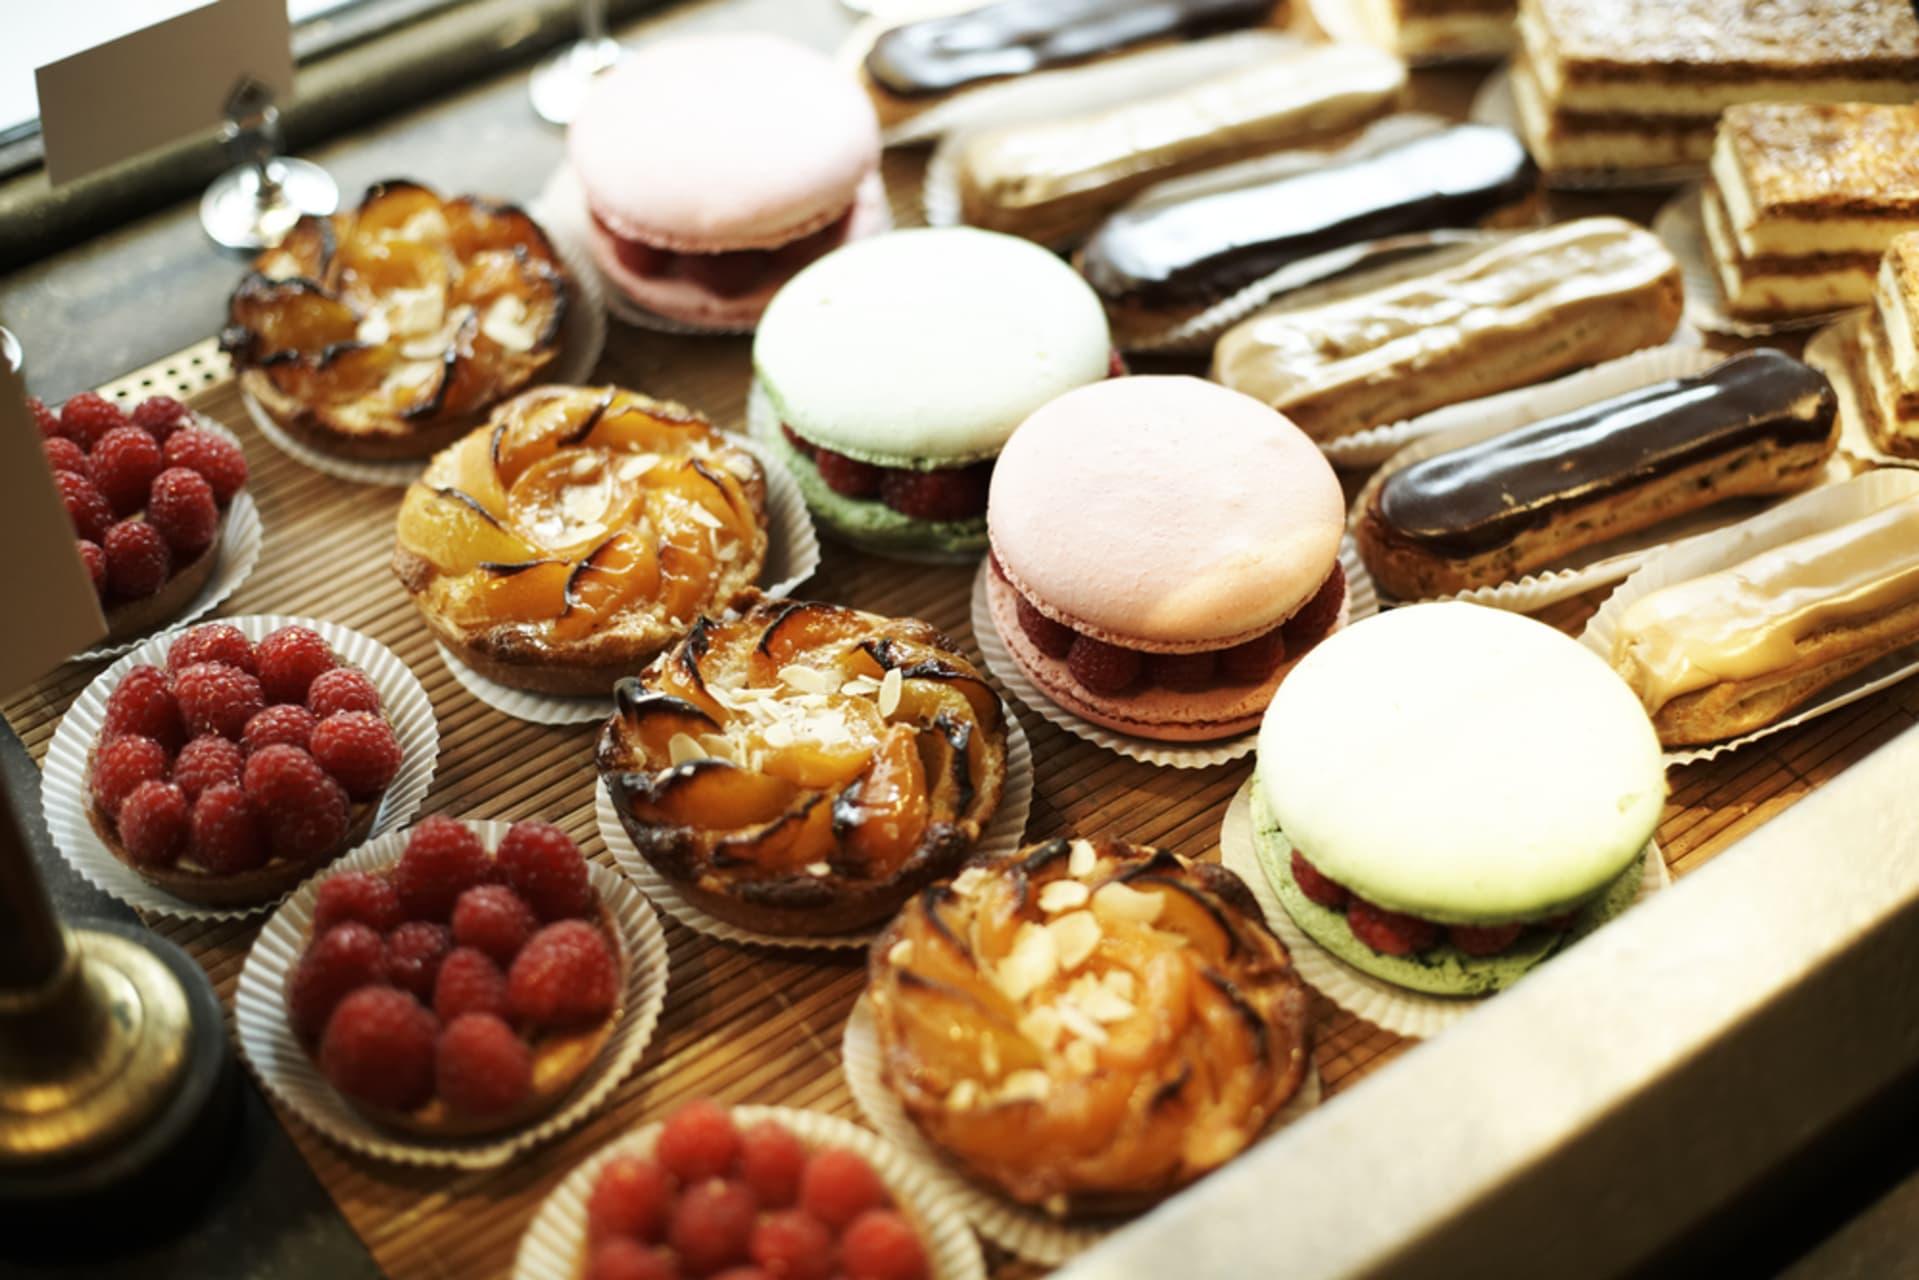 Paris - Food Tour: The Belly of Paris